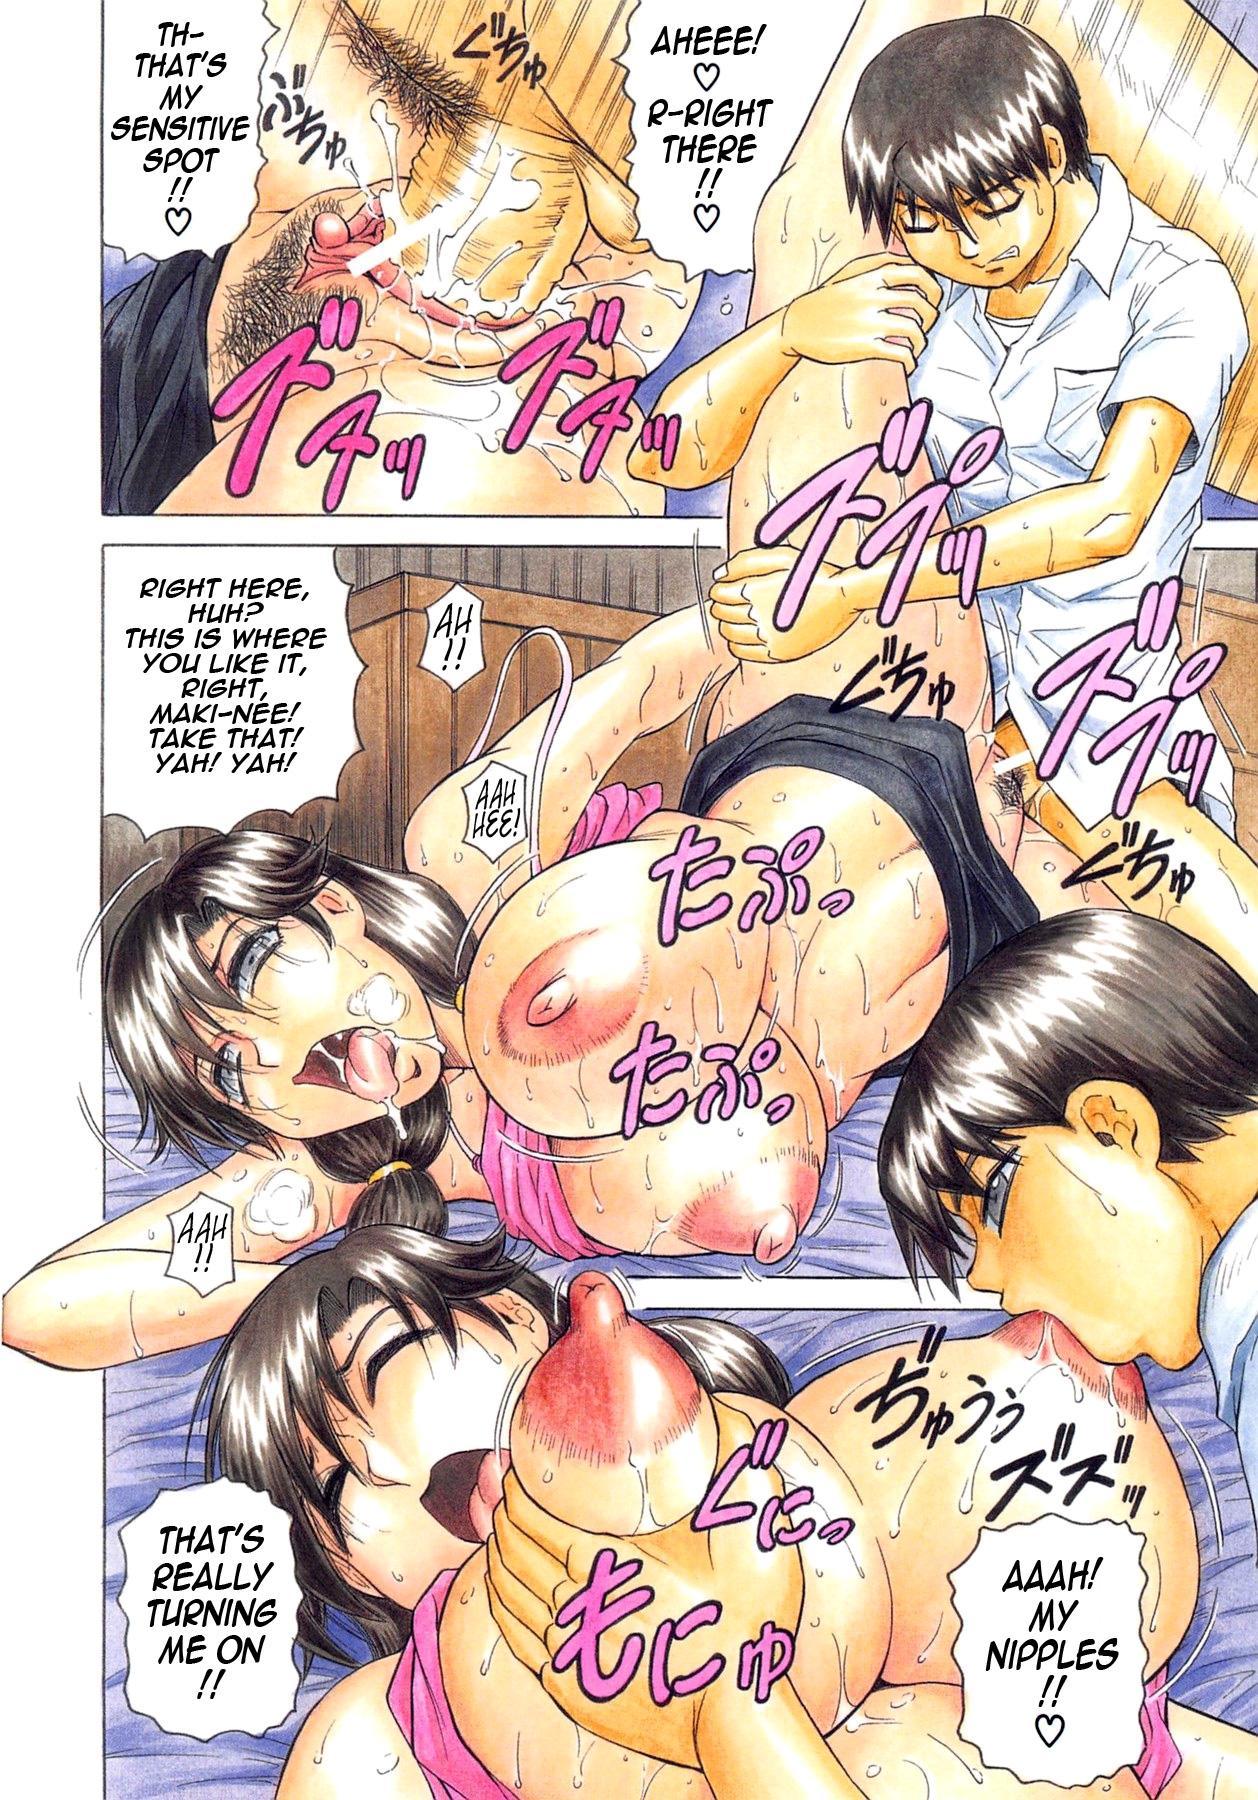 [Jamming] Koibito ha Tonari no Oneesan (Hatsujyouki) | My Lover is the Girl Next Door [English] {Tadanohito} 137